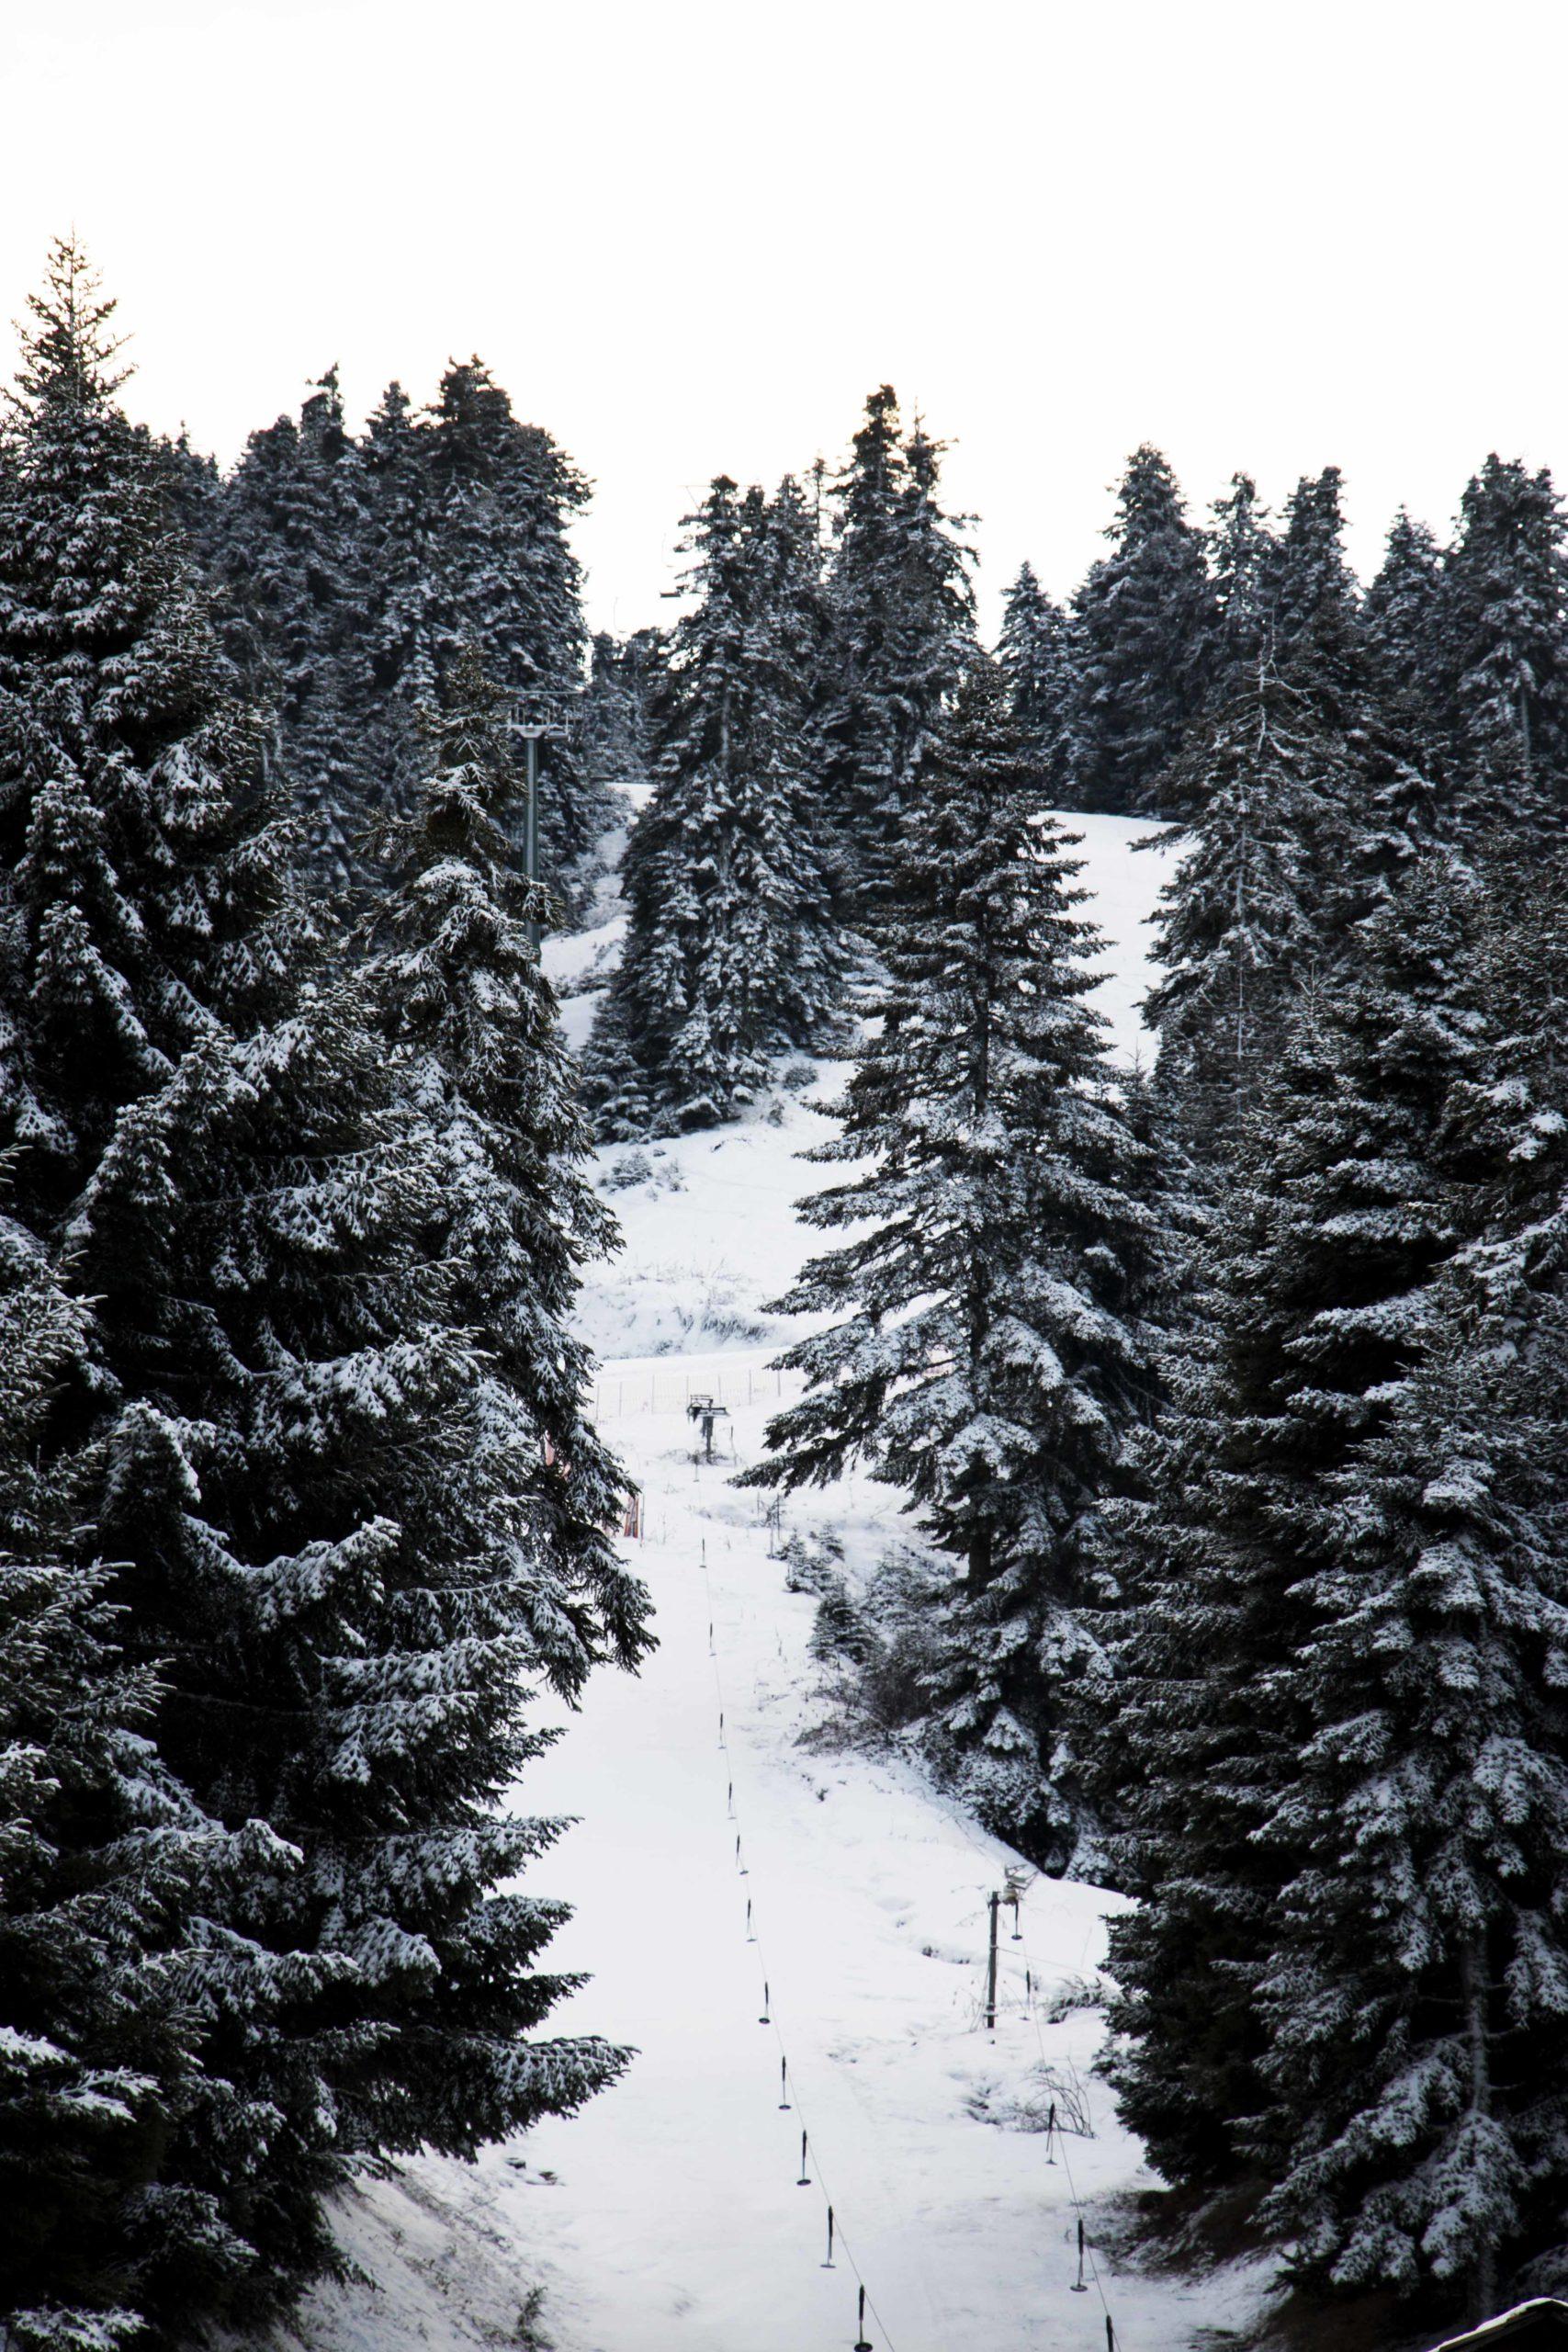 Χιονοδρομικό Περτουλίου Τρικάλων 1